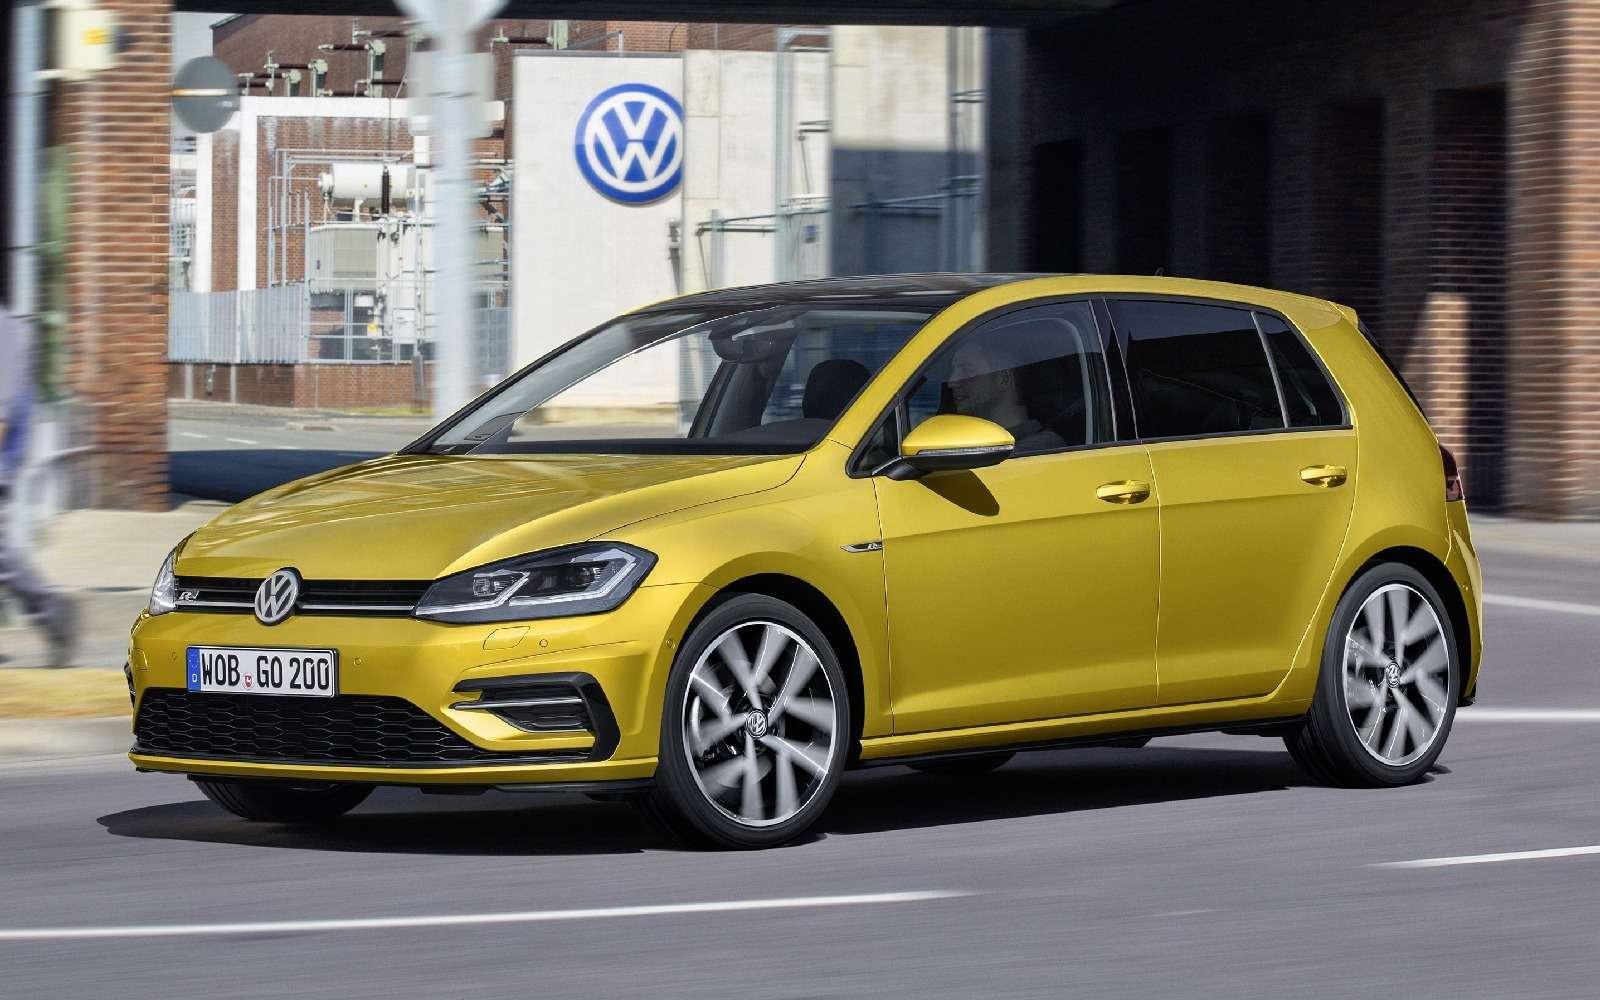 Дальнейшая оцифровка: Volkswagen представил обновленный Golf— фото 661708